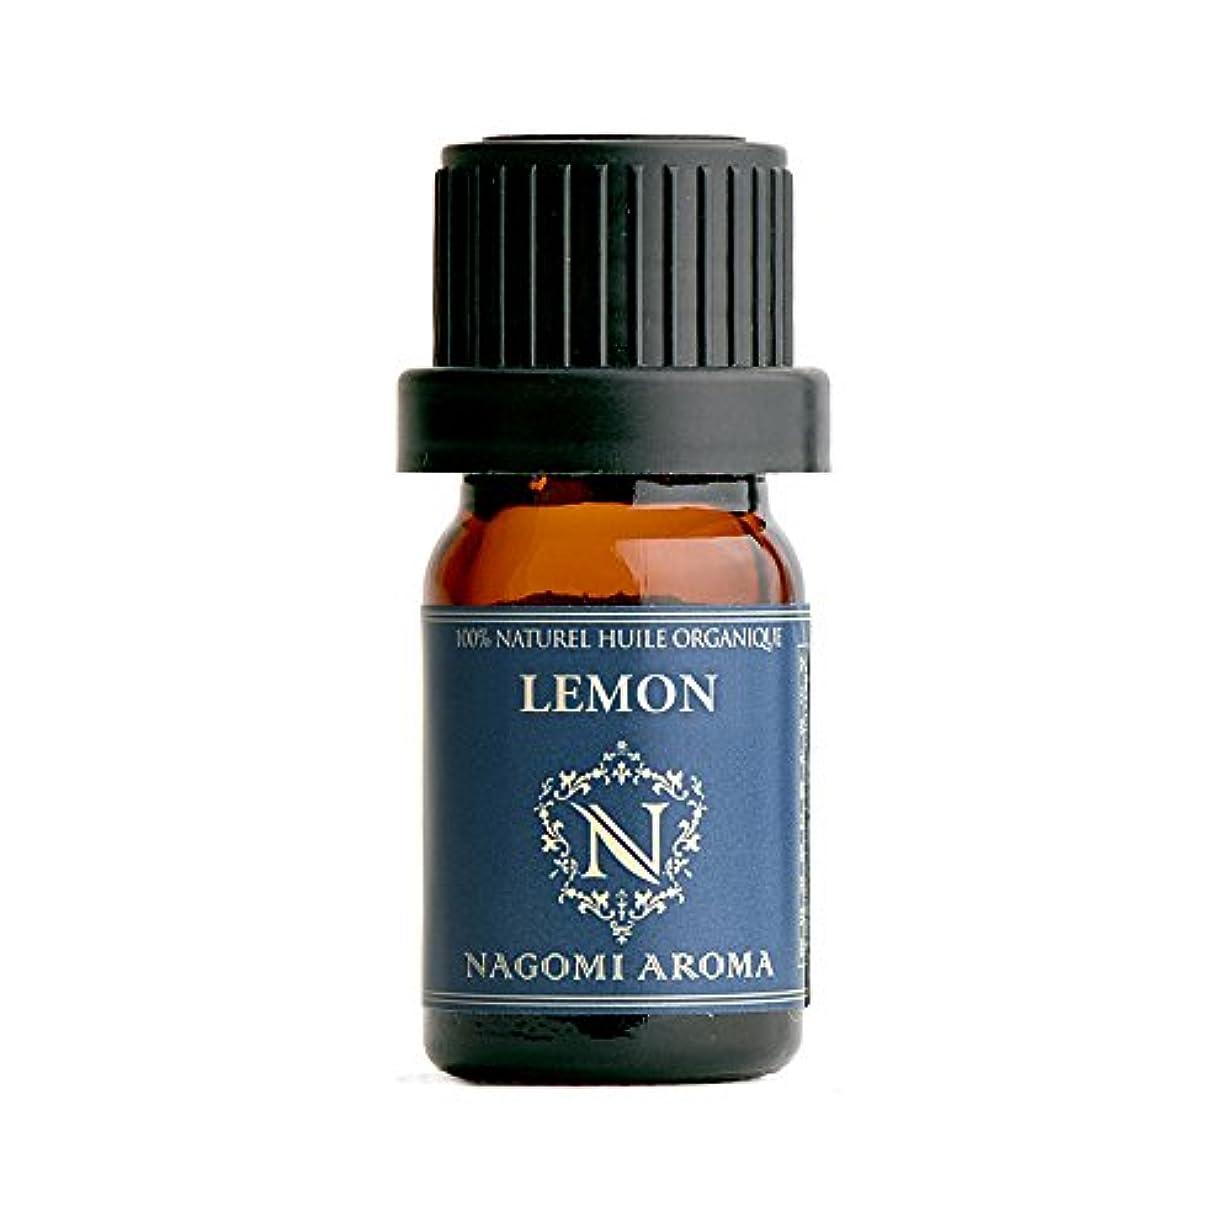 社会学ラッシュ耐えられないNAGOMI AROMA オーガニック レモン 5ml 【AEAJ認定精油】【アロマオイル】